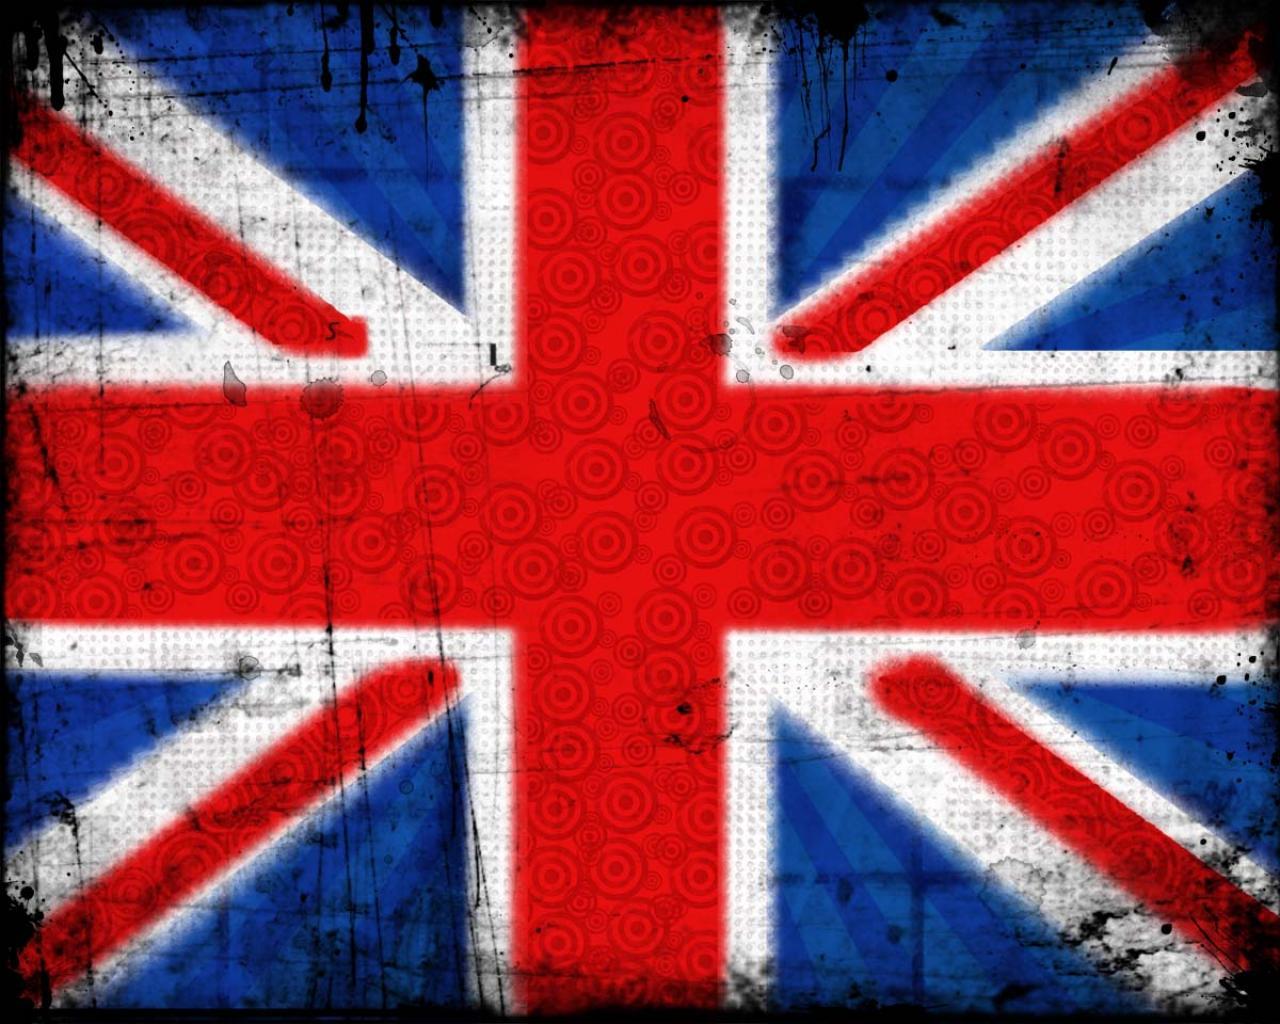 United kingdom flags wallpaper HQ WALLPAPER   184242 1280x1024